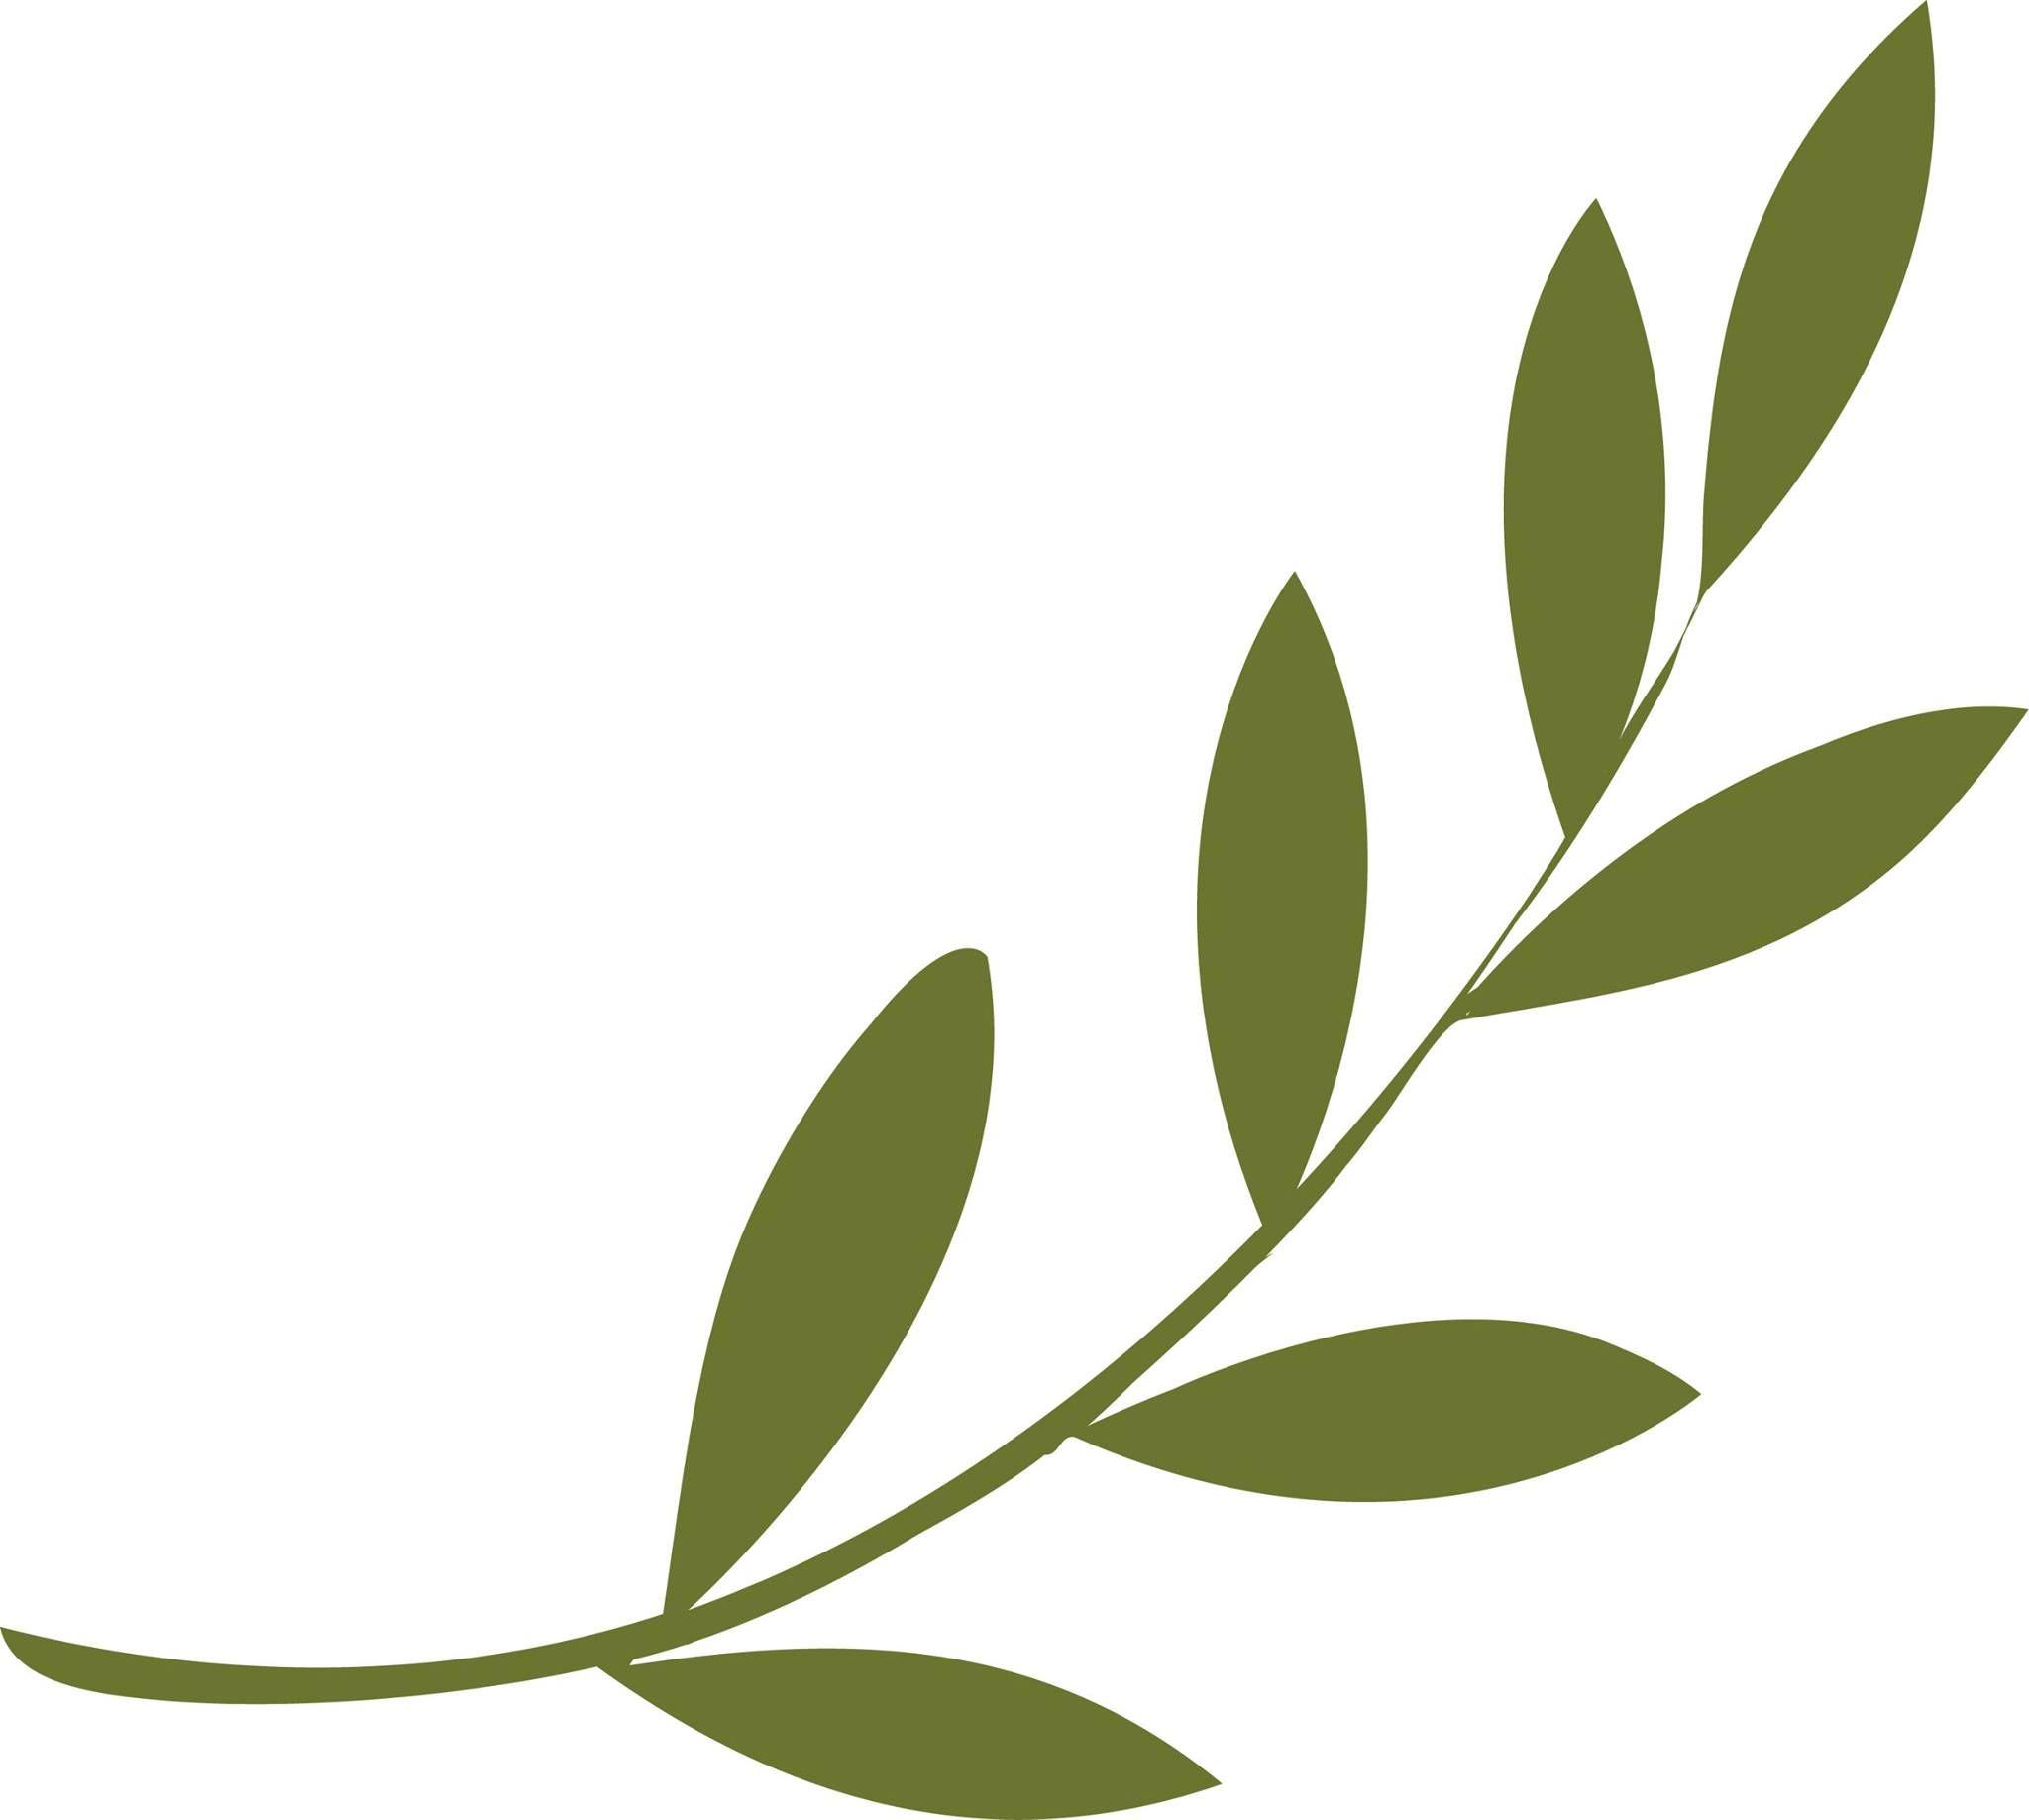 Olive Branch Popular Leaf Shapes In Design Pinterest